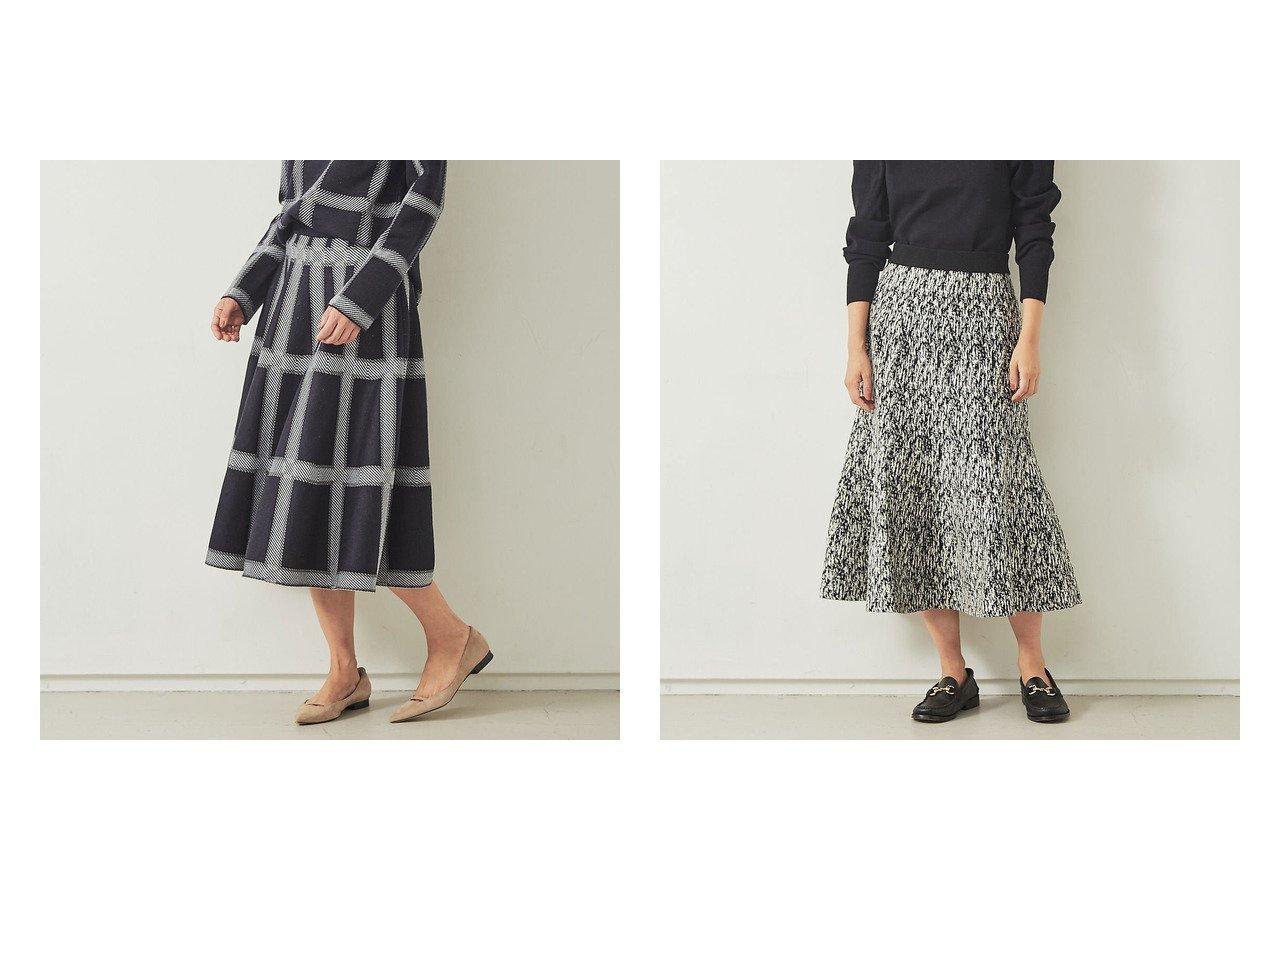 【Rouge vif la cle/ルージュヴィフラクレ】の【BRAHMIN】ジャガードニットスカート&【BRAHMIN】チェック柄ジャガードニットスカート スカートのおすすめ!人気、トレンド・レディースファッションの通販 おすすめで人気の流行・トレンド、ファッションの通販商品 メンズファッション・キッズファッション・インテリア・家具・レディースファッション・服の通販 founy(ファニー) https://founy.com/ ファッション Fashion レディースファッション WOMEN スカート Skirt アクリル シンプル セットアップ チェック フェミニン A/W 秋冬 AW Autumn/Winter / FW Fall-Winter 2020年 2020 2020-2021 秋冬 A/W AW Autumn/Winter / FW Fall-Winter 2020-2021 |ID:crp329100000016093